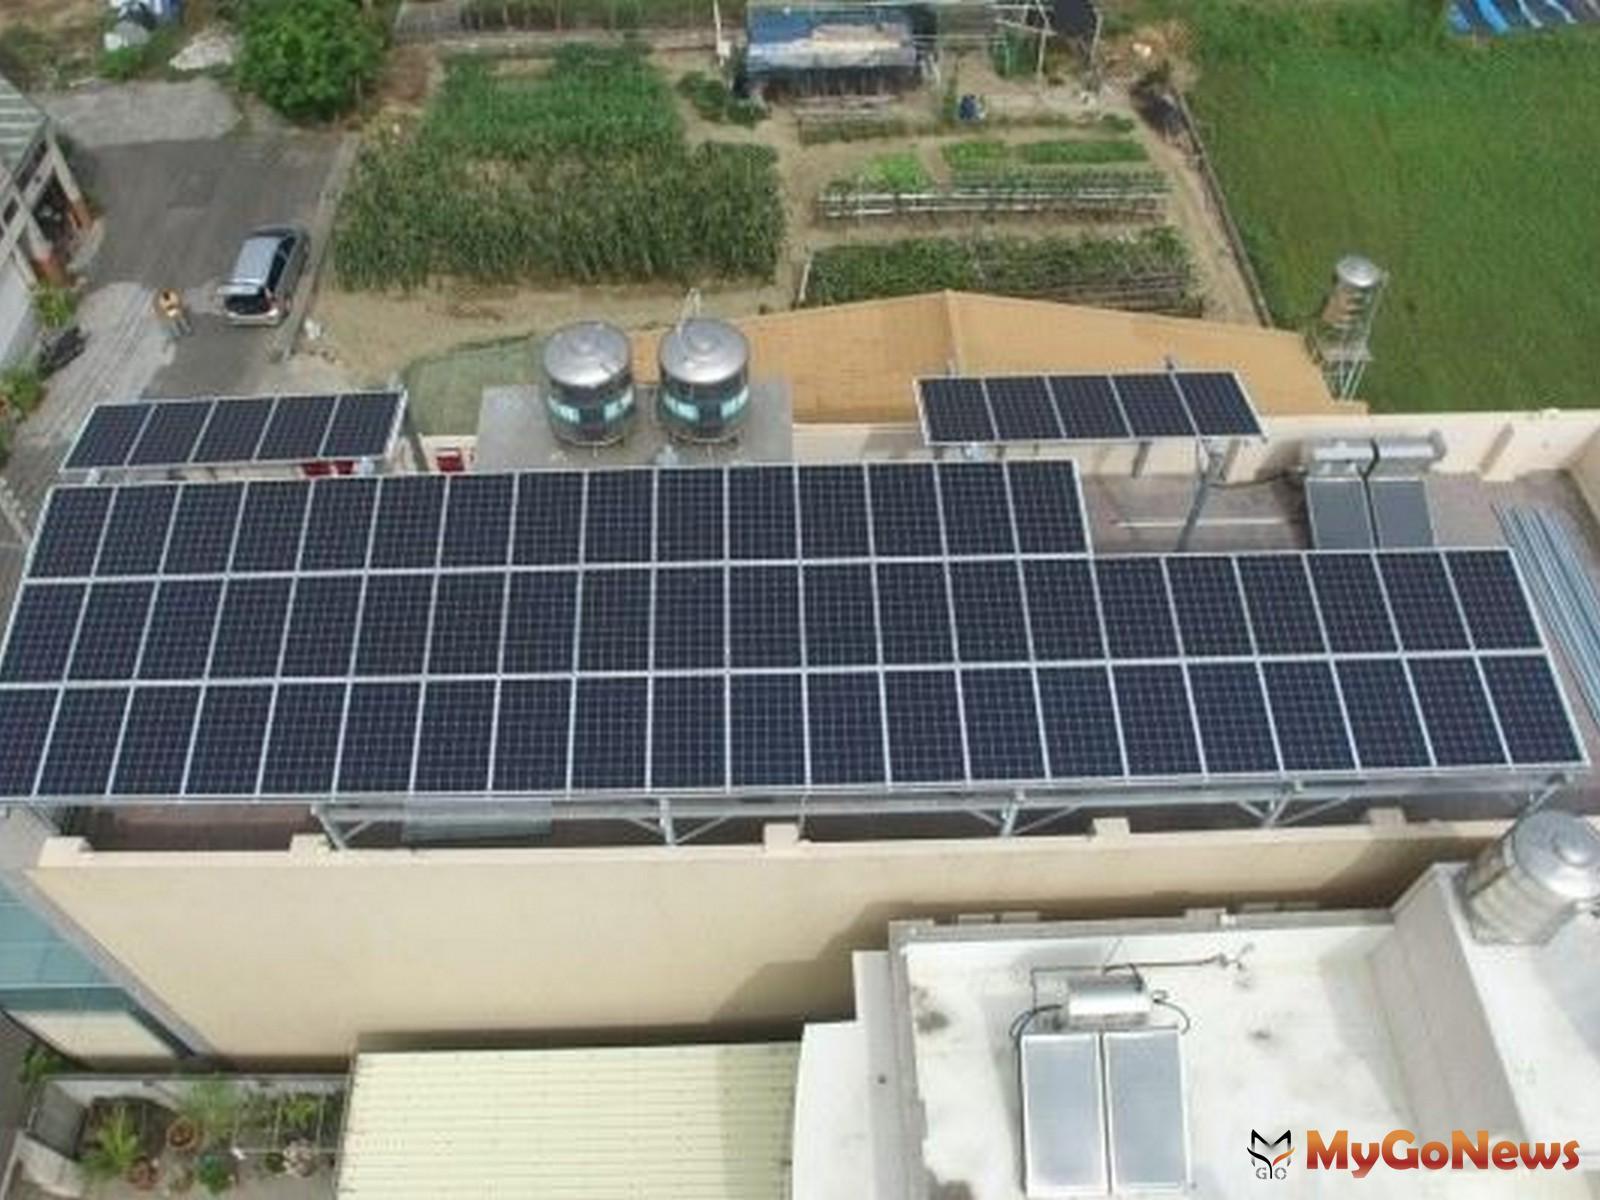 高雄工務局推動太陽光電多元鼓勵措施,2021年度光電建築認證標章開辦,歡迎民眾踴躍申請 MyGoNews房地產新聞 區域情報